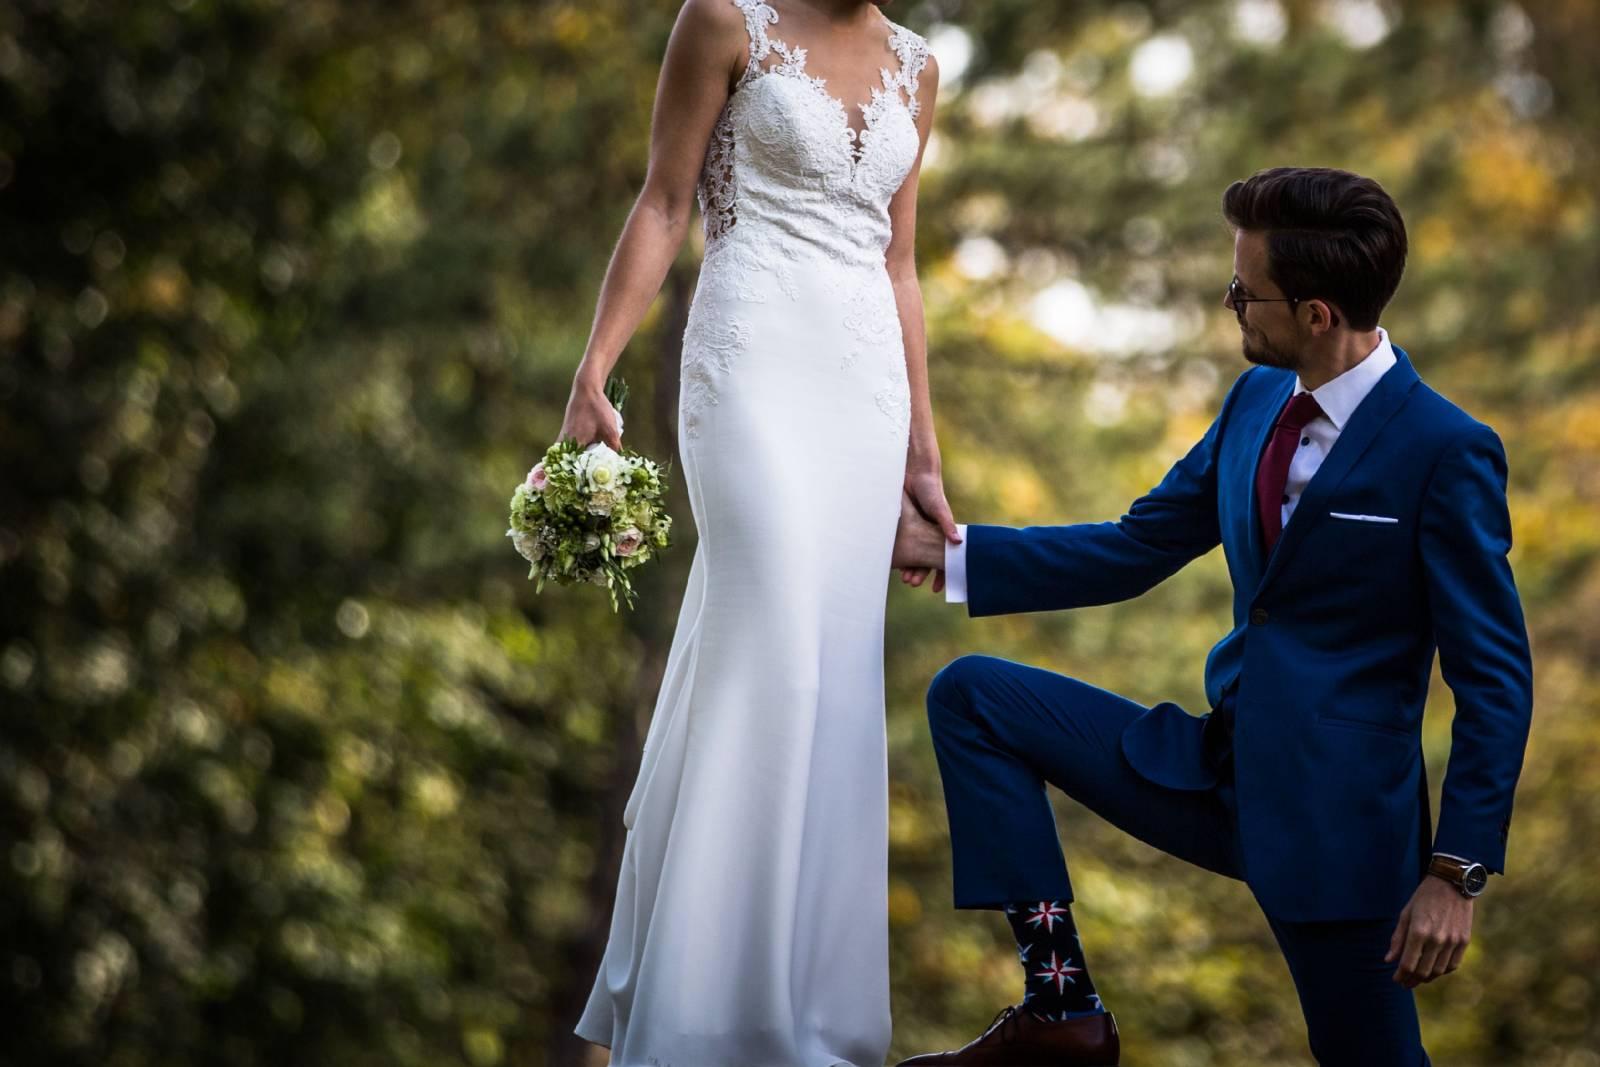 GPix Photography - House of Weddings - 17